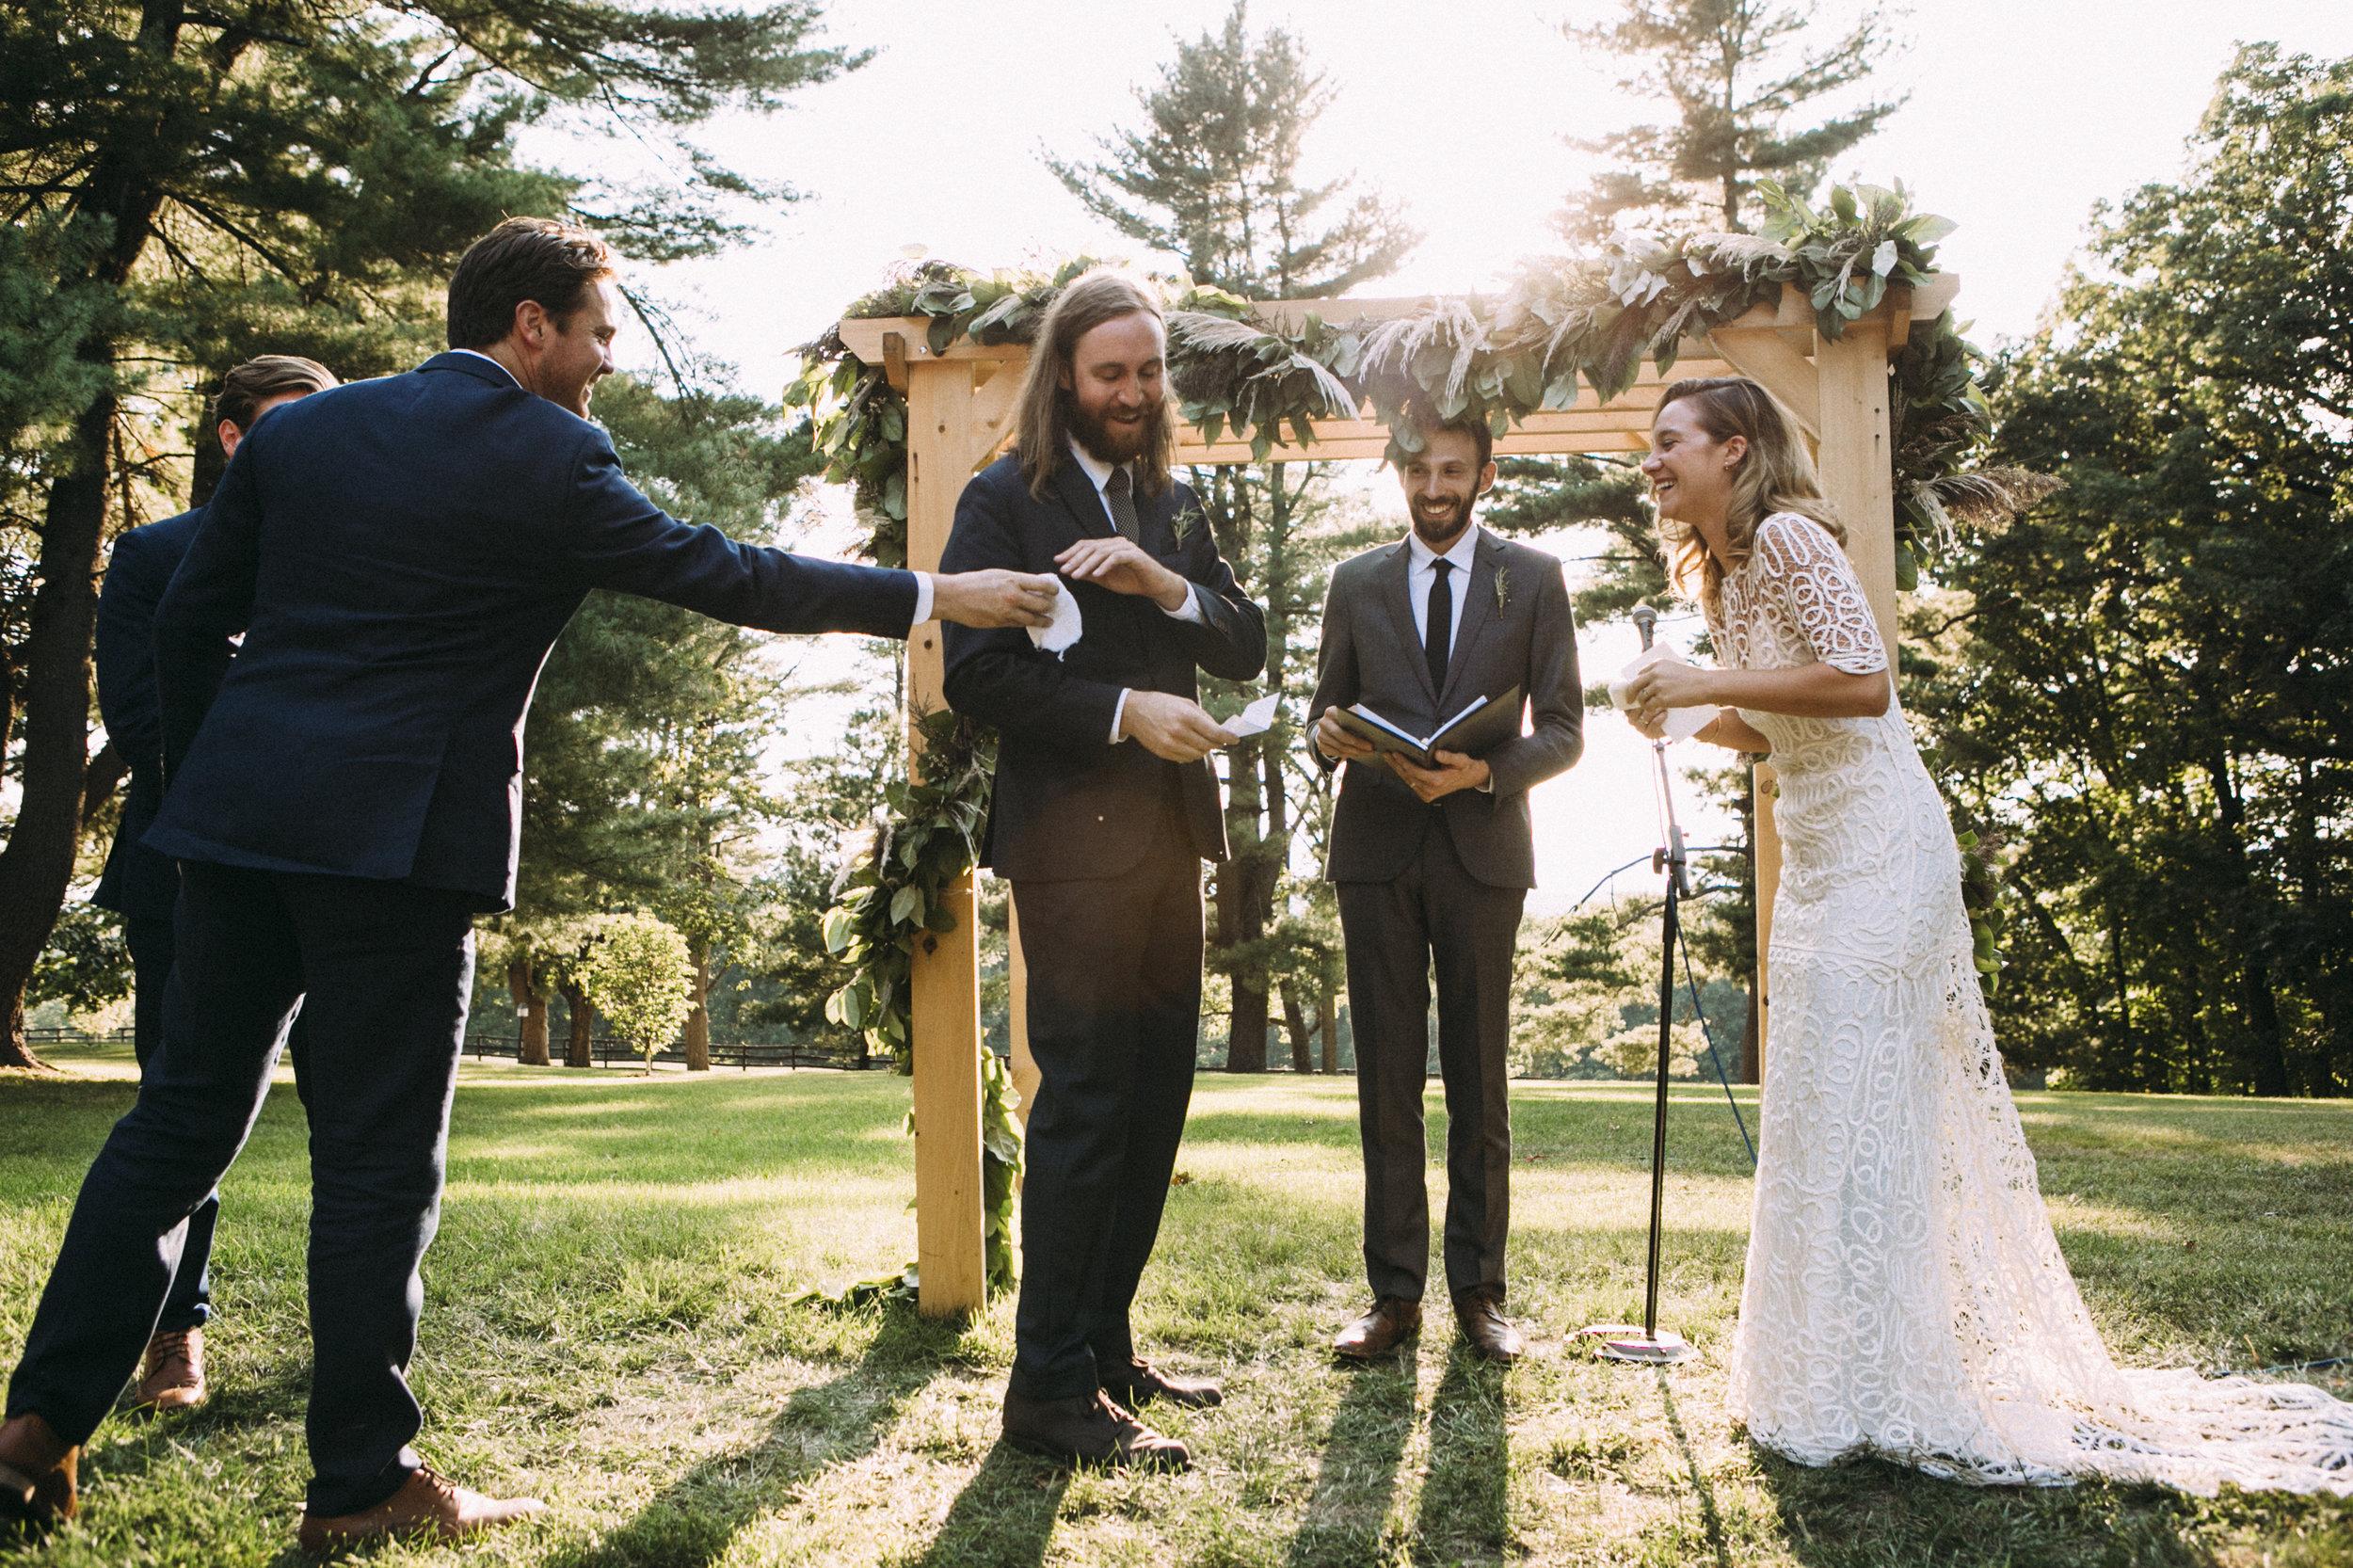 Em_and_Ax_00_wedding-608.jpg